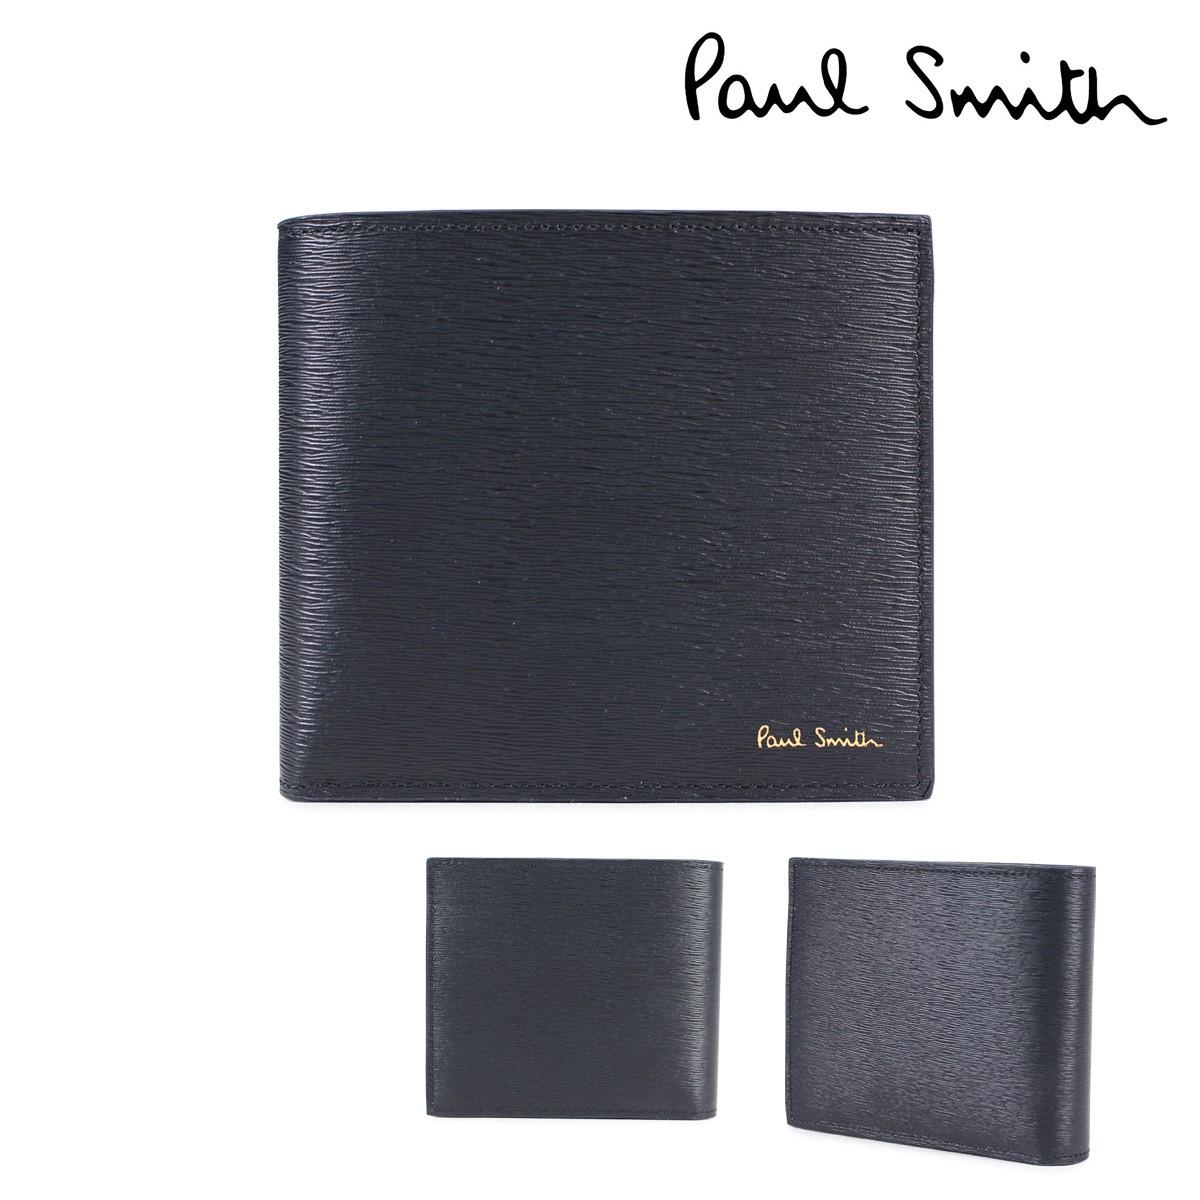 ポールスミス 財布 メンズ 二つ折り Paul Smith SMART WALLET レザー ネイビー 4833 W905 47 [1/23 新入荷]